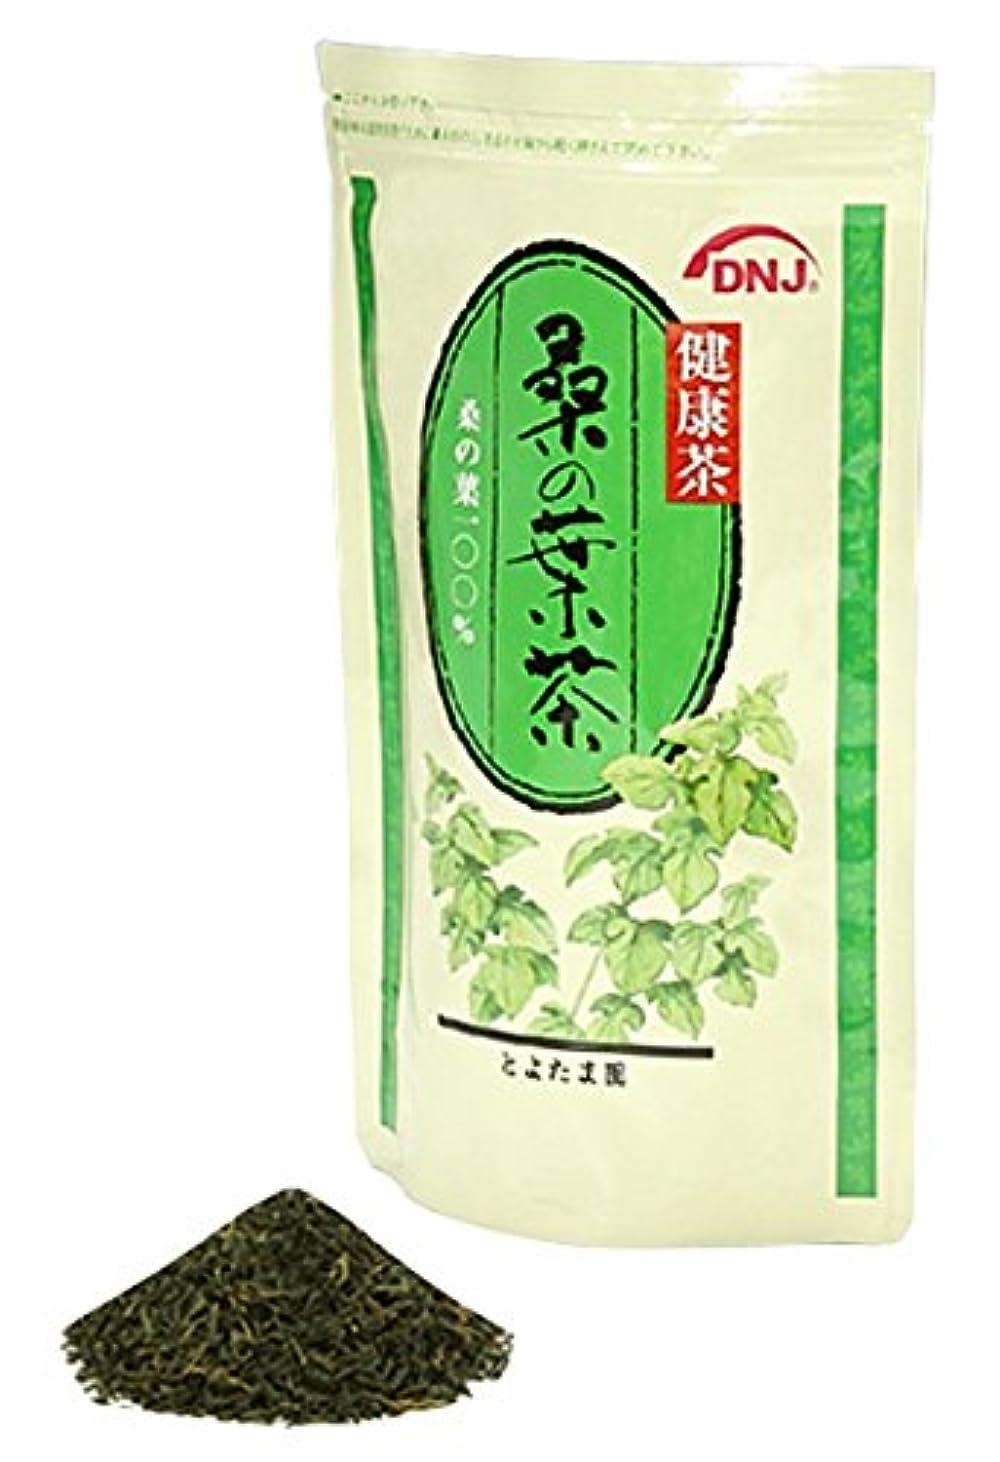 夢鳩主流トヨタマ(TOYOTAMA) 国産健康茶 桑の葉茶 90g 01096195